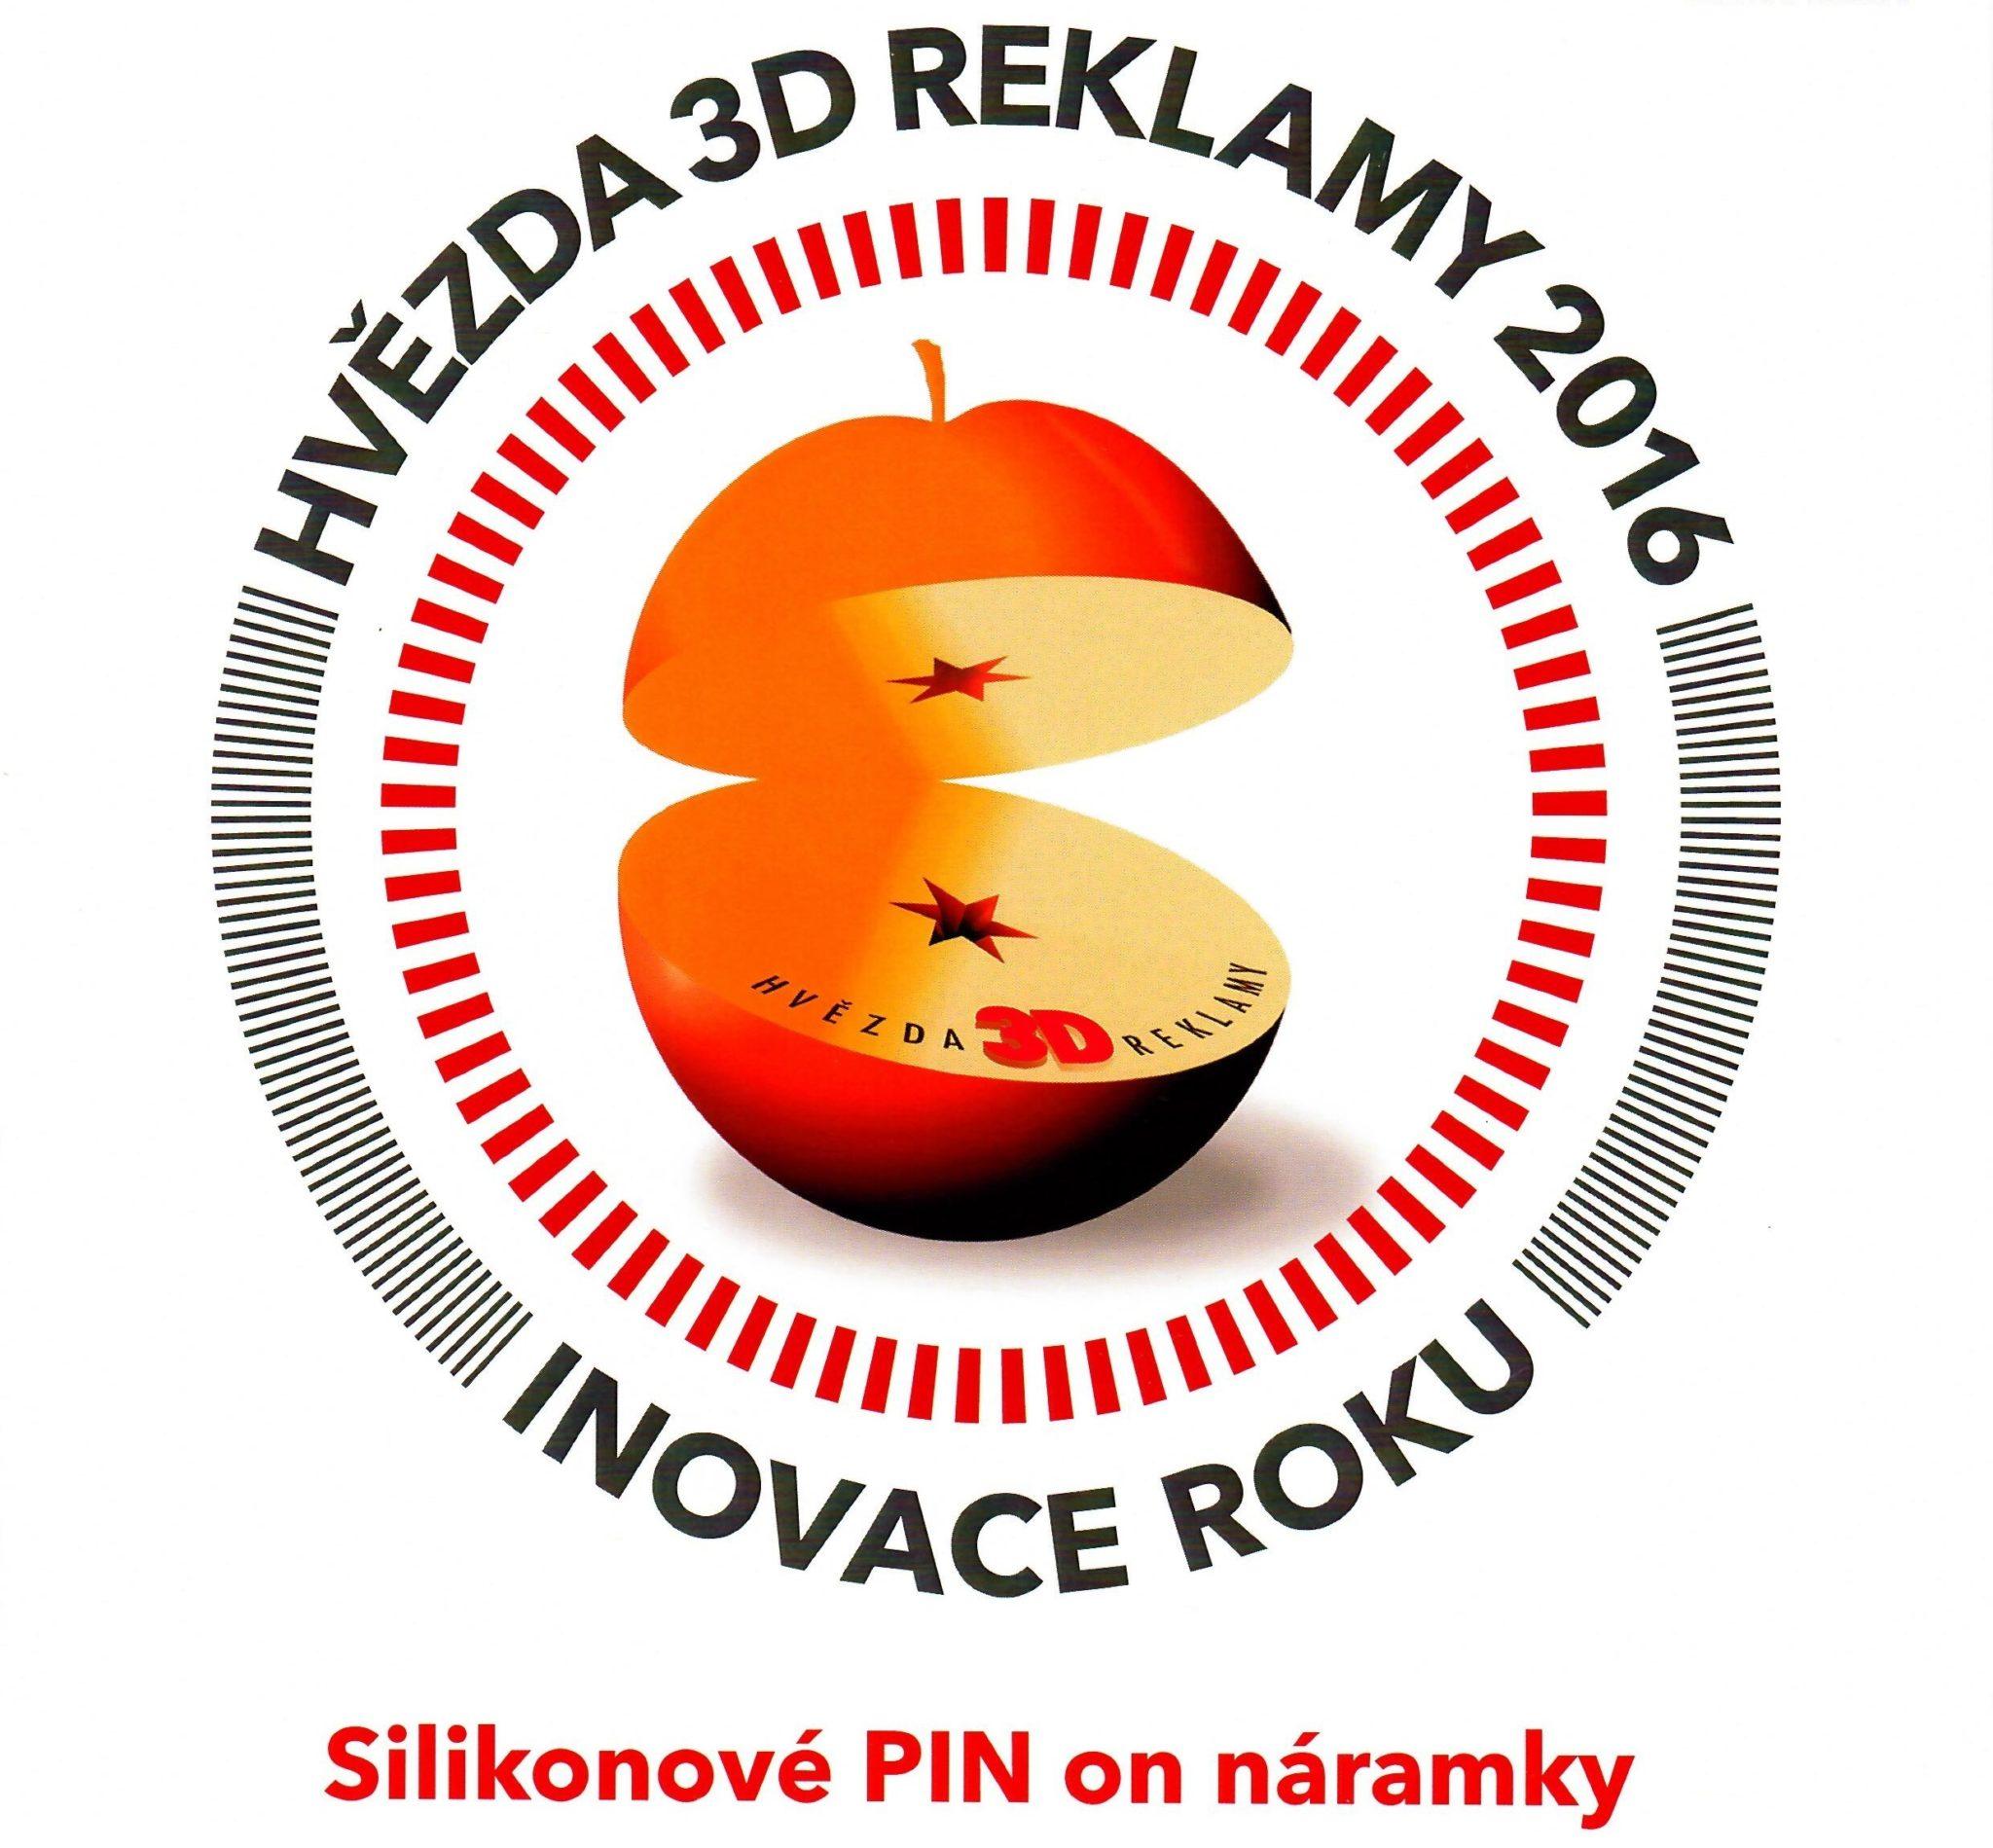 Ocenění pro Silic Média – Hvězda 3D reklamy – Inovace roku